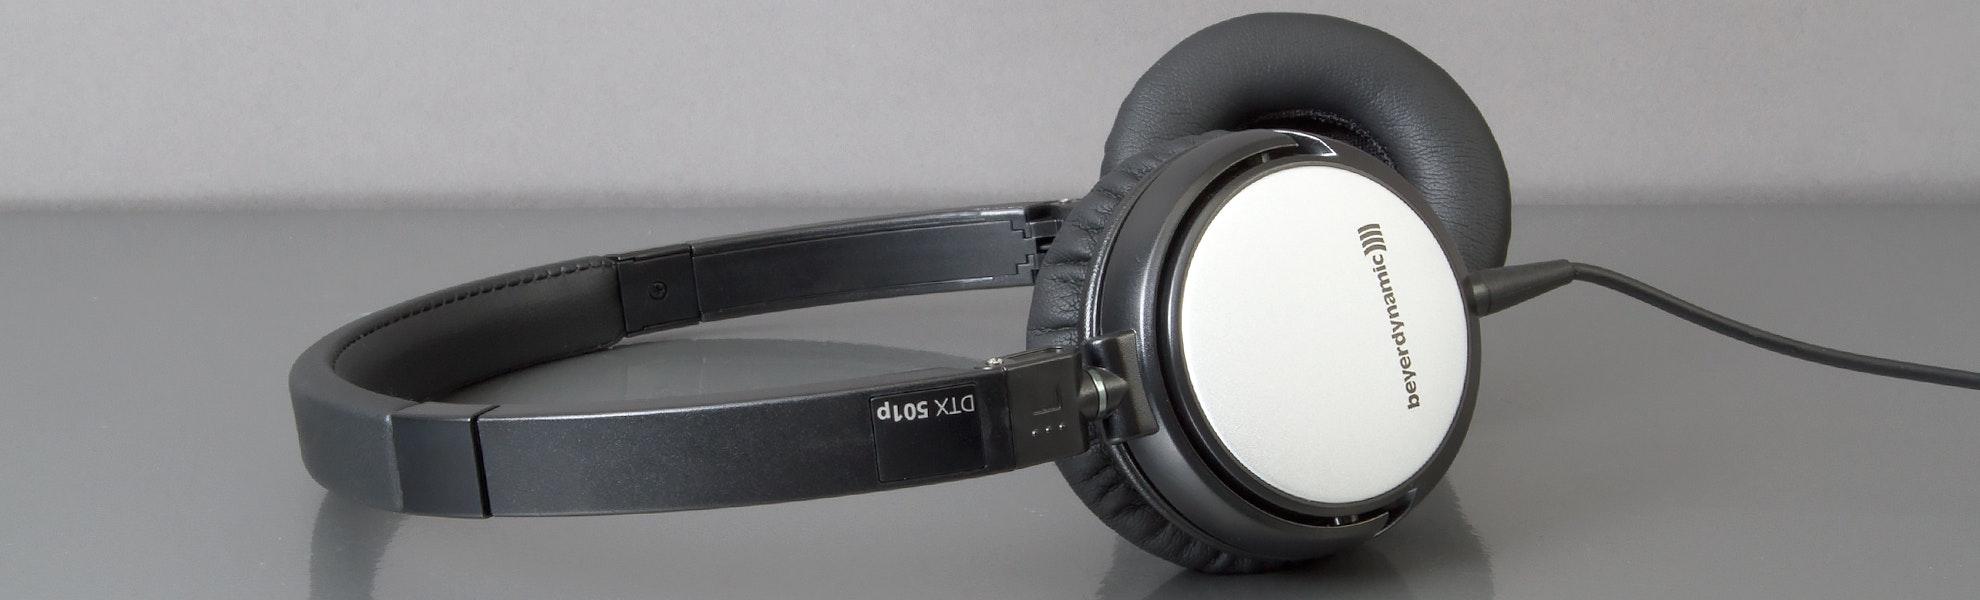 Beyerdynamic DTX 501p Headphones